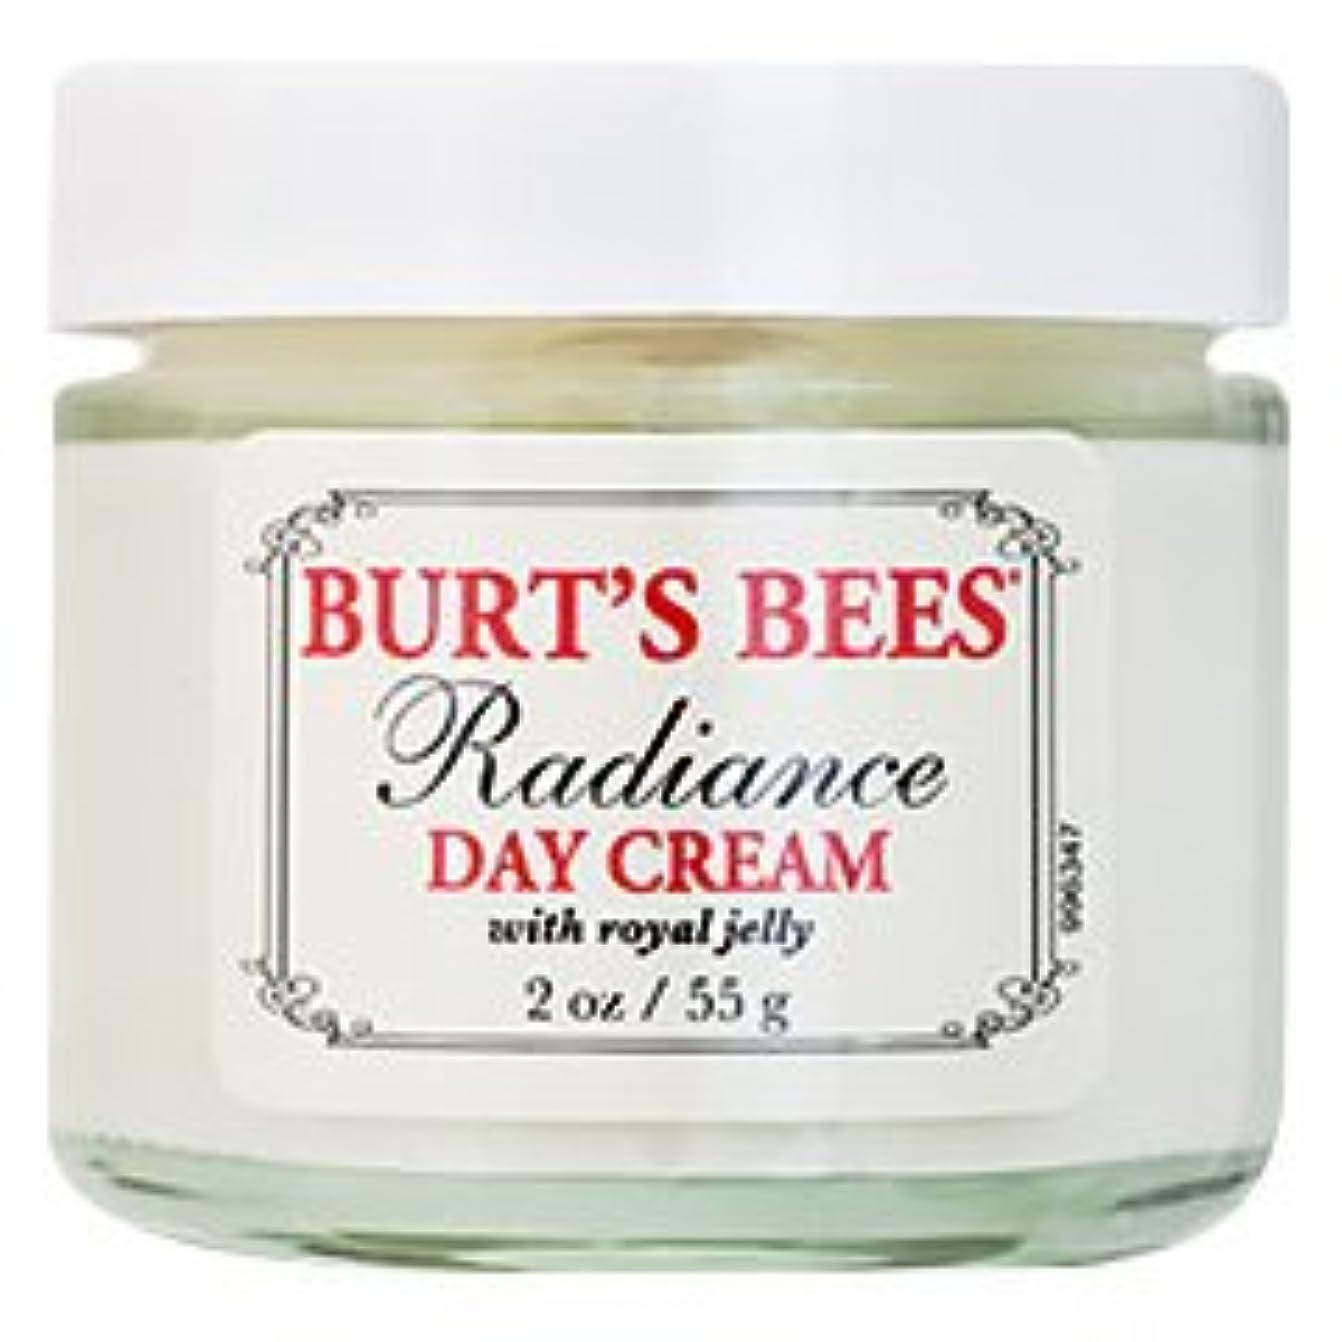 対応オーラルゴージャスバーツビーズ(Burt's Bees) ラディアンス デイクリーム(ロイヤルジェリー) 55g [海外直送品][並行輸入品]